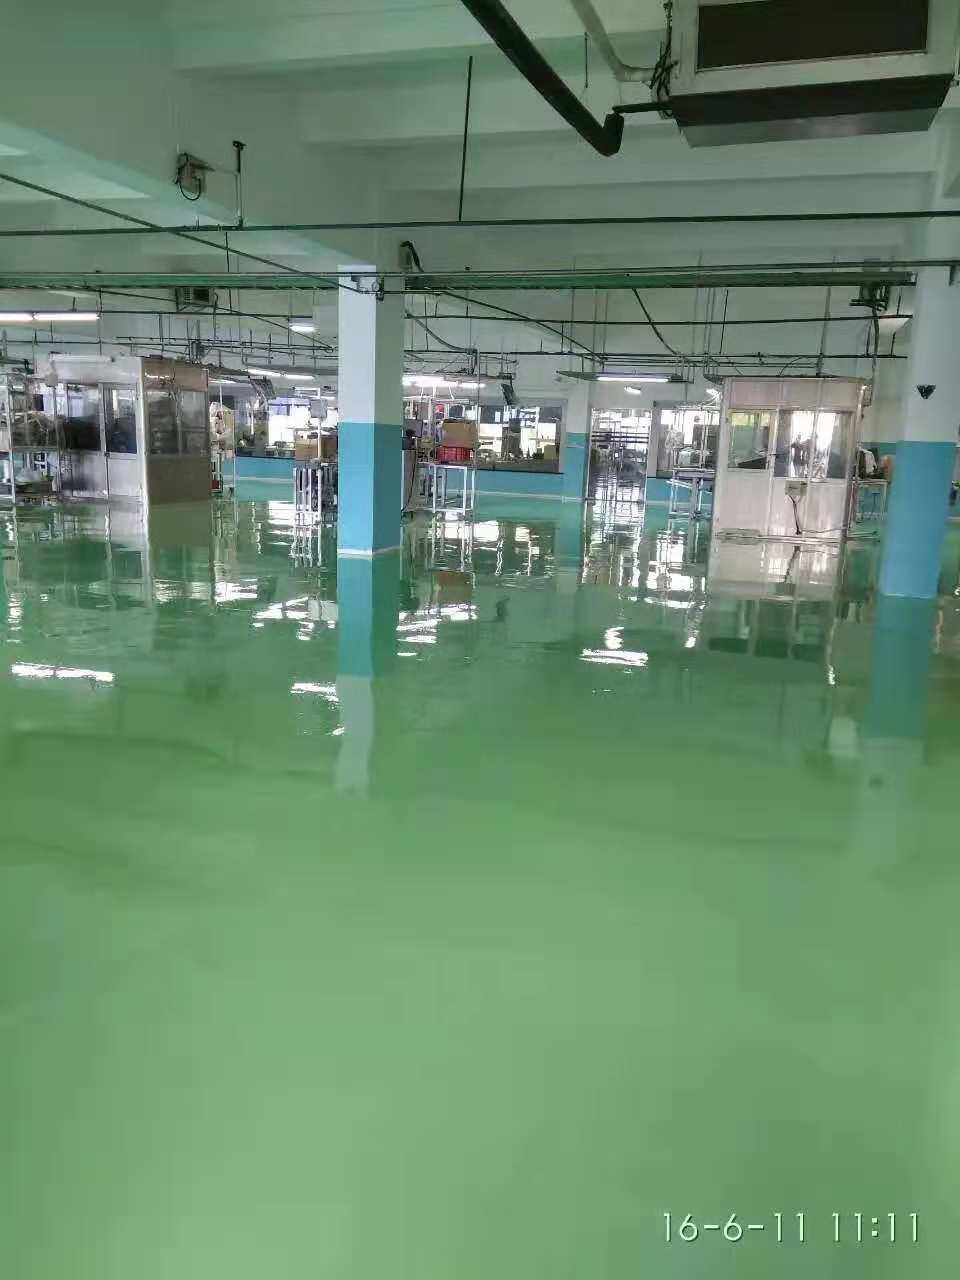 郑州区域有信誉度的环氧自流平地坪厂家_郑州环氧自流平地坪厂家